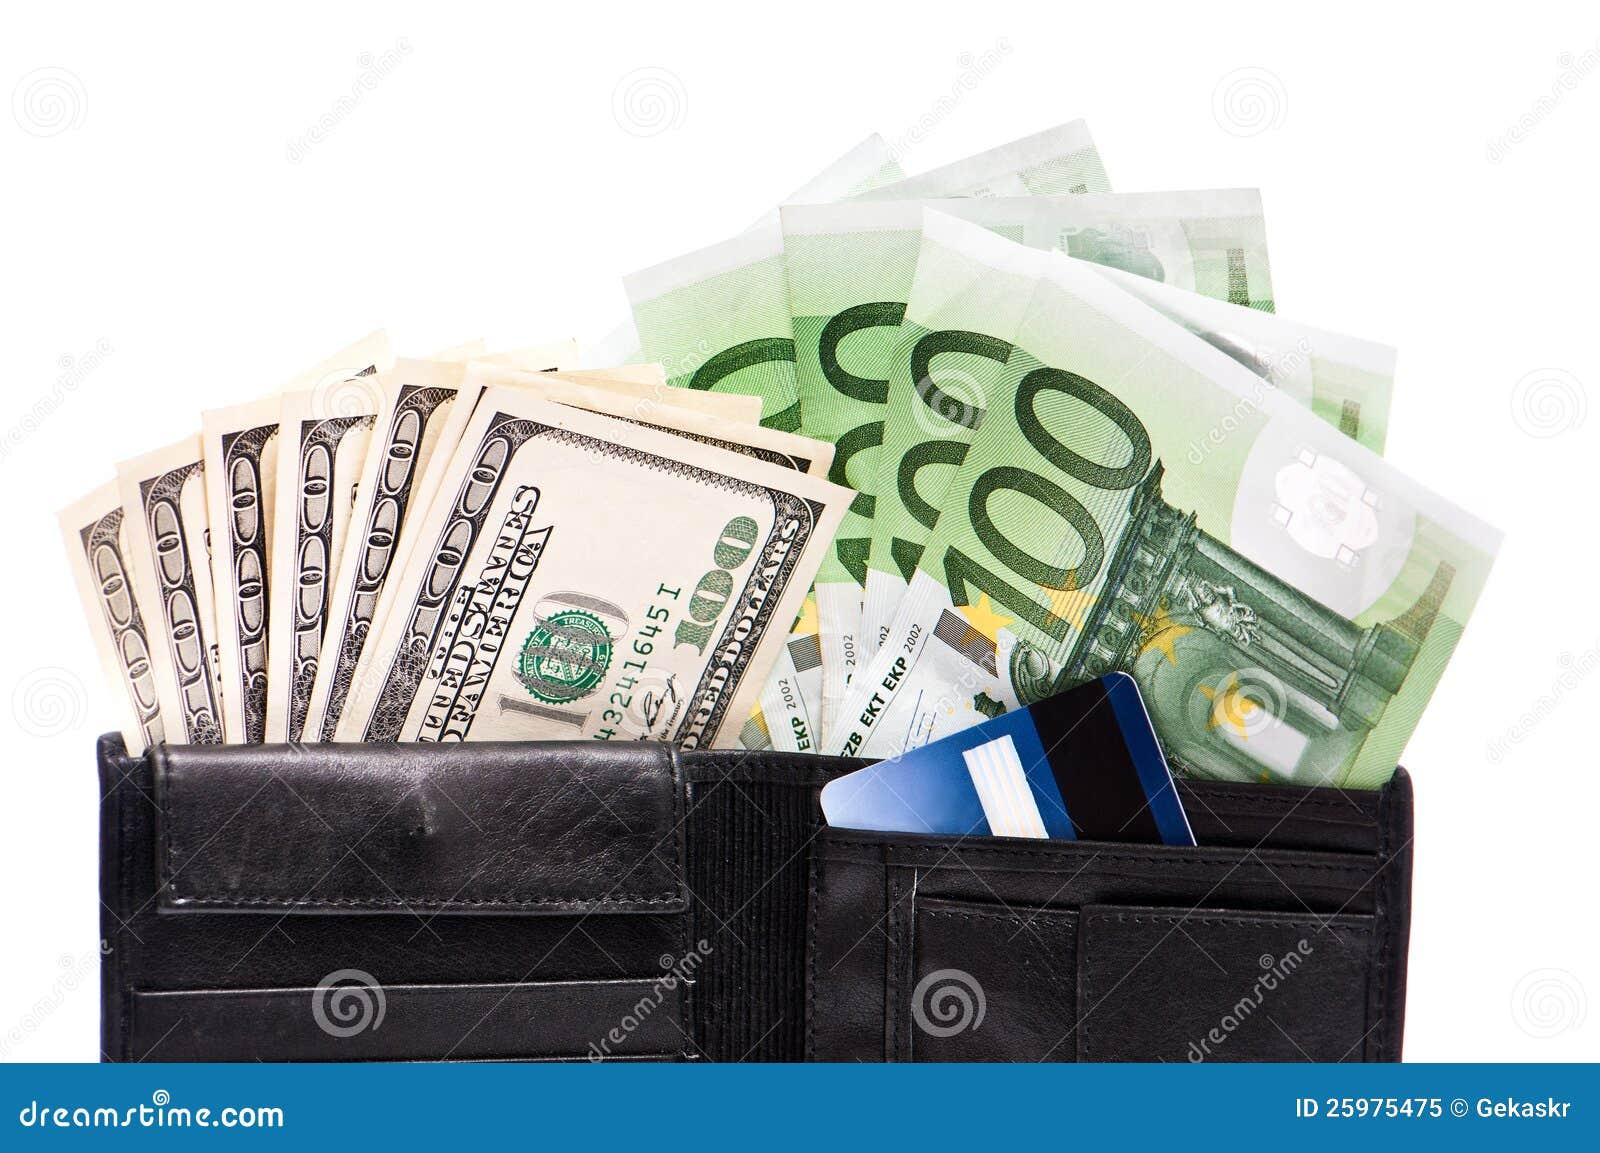 Pochette avec des billets de banque et des cartes de crédit